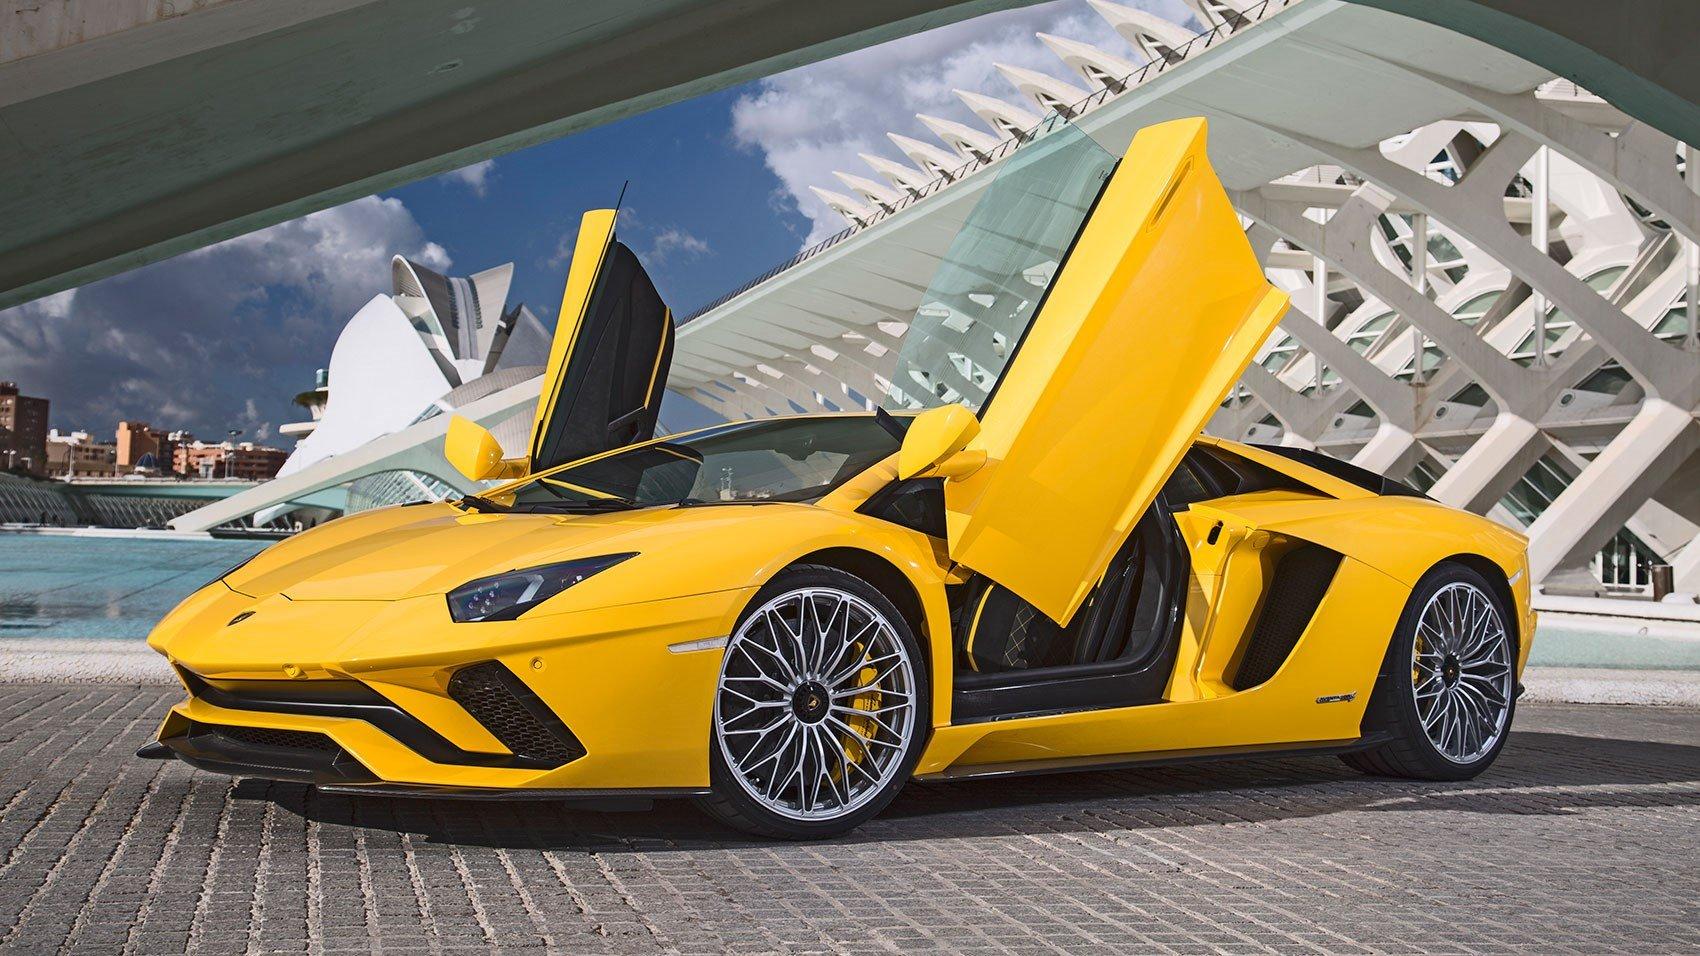 Hình ảnh Mua siêu xe Lamborghini, đại gia Việt phải nộp gần 5 tỷ phí trước bạ số 1